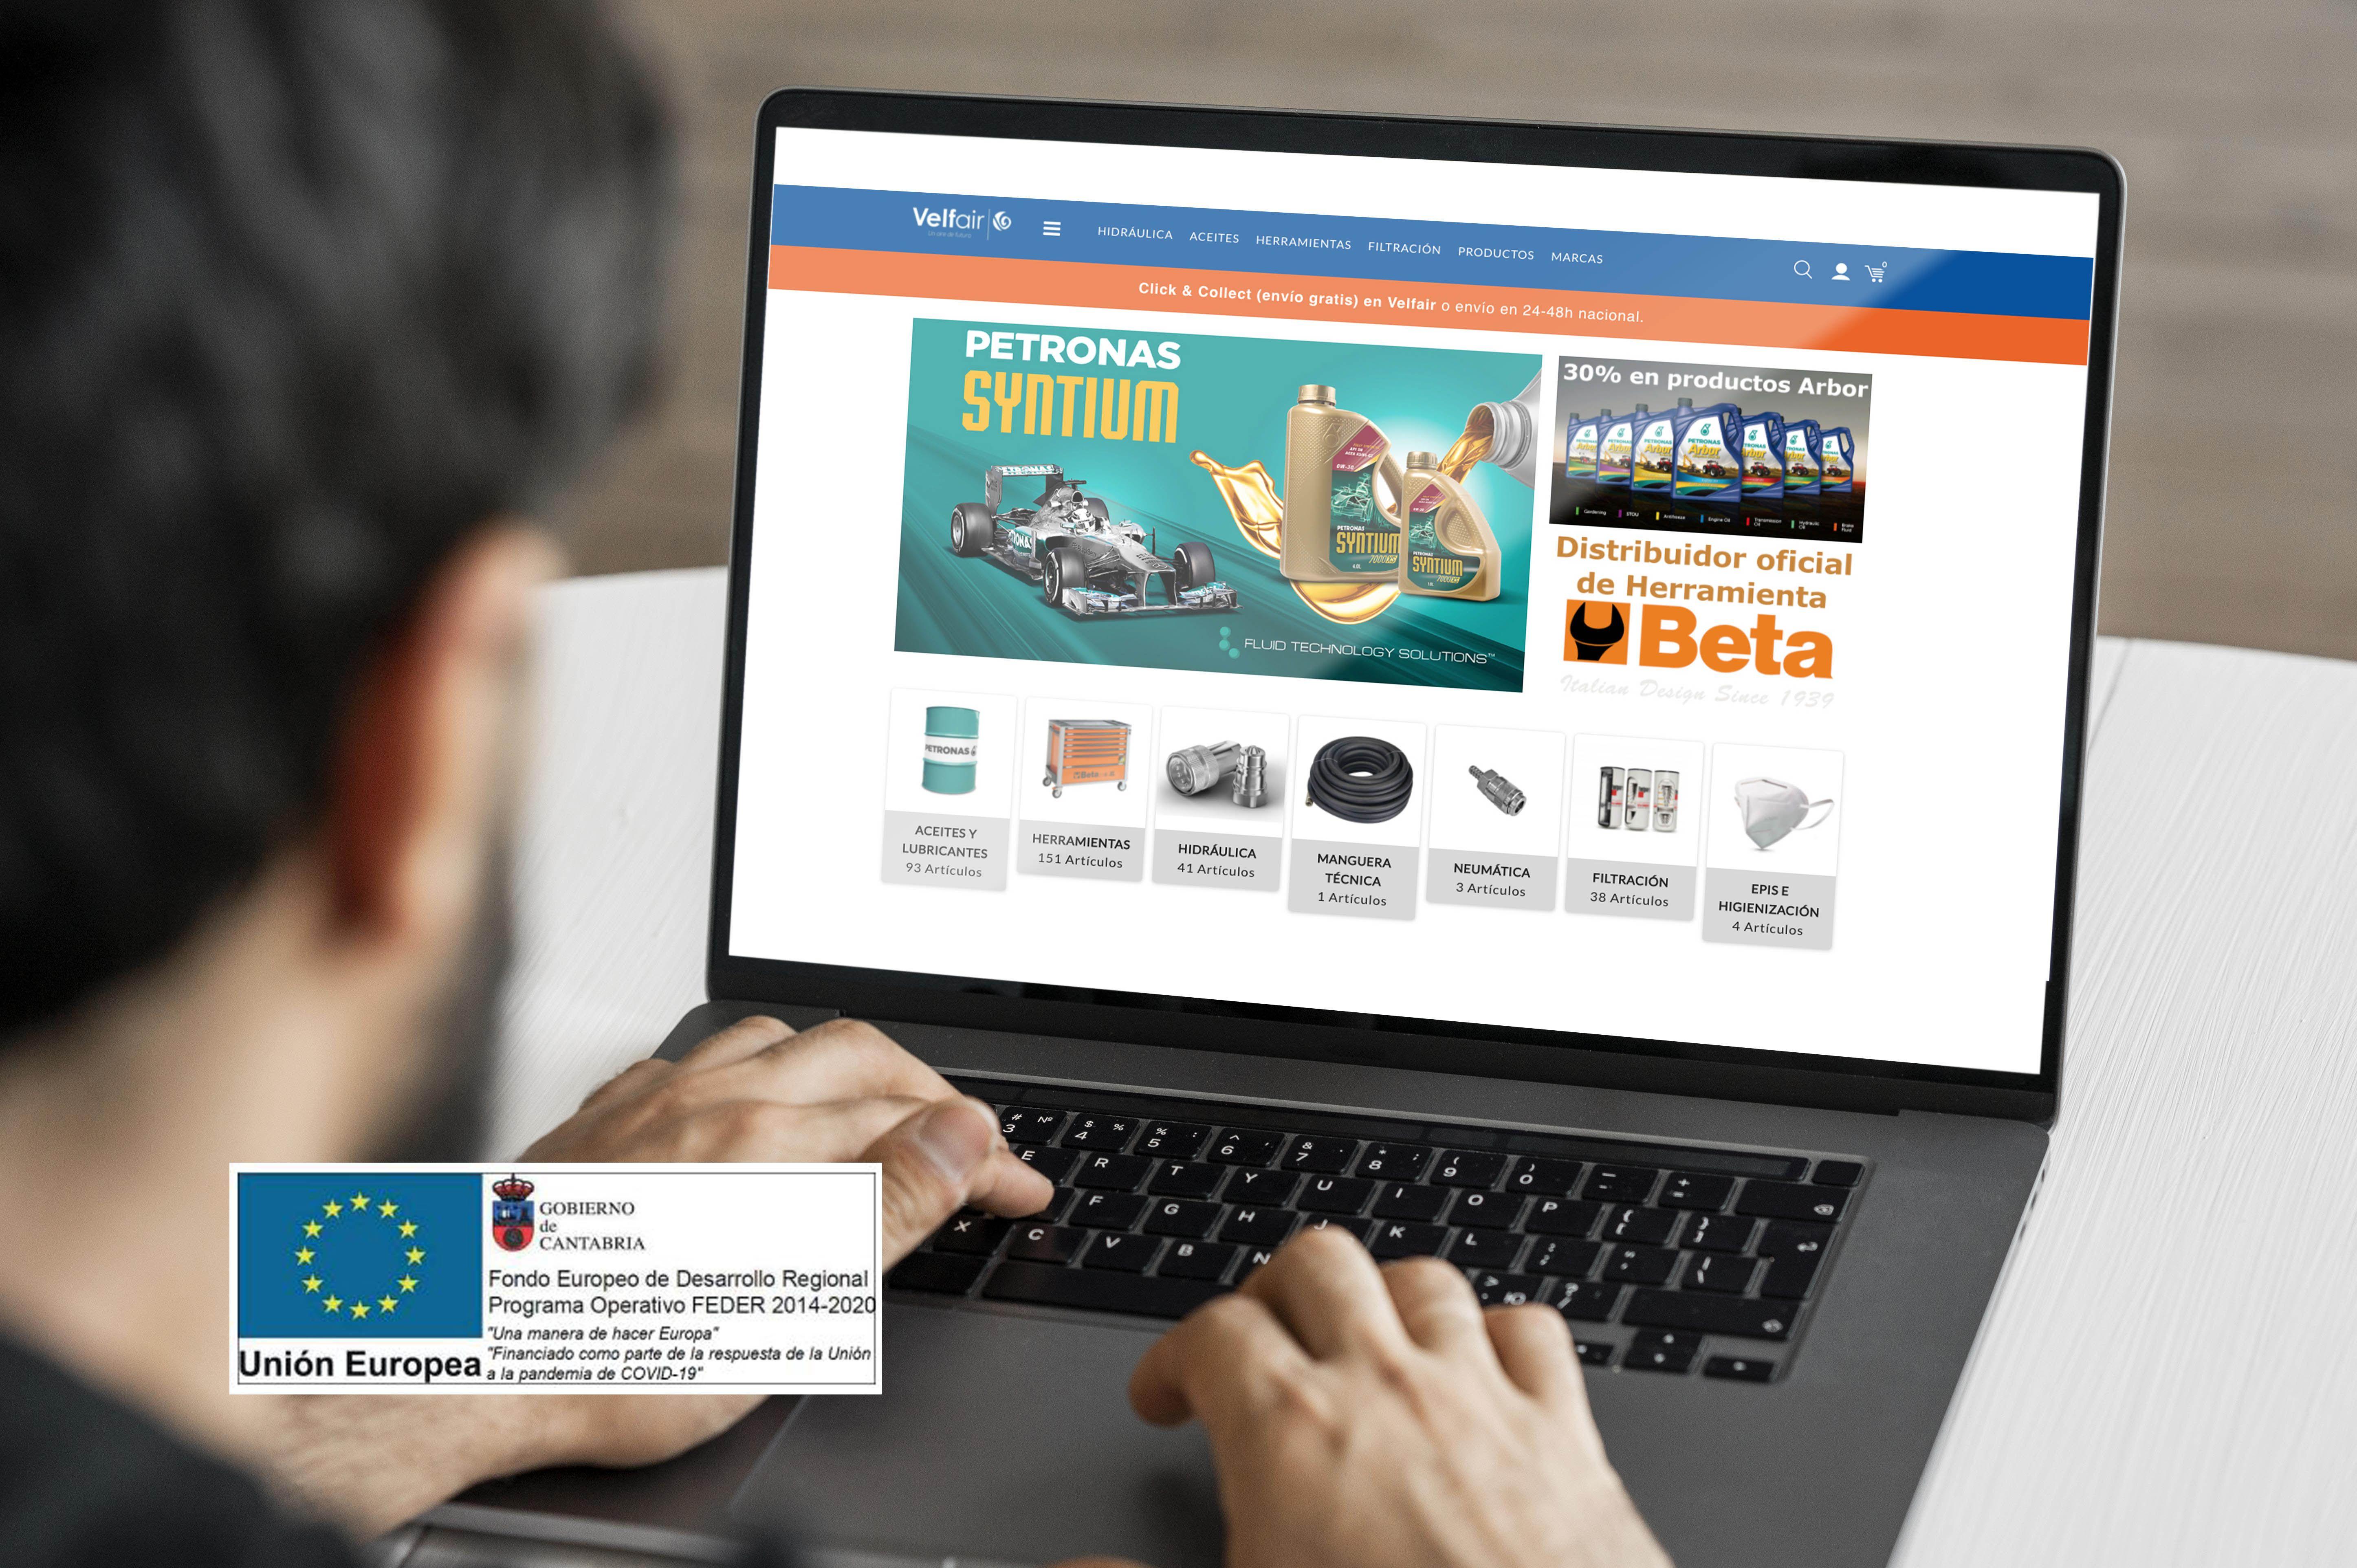 velfair tienda online subvencion ue